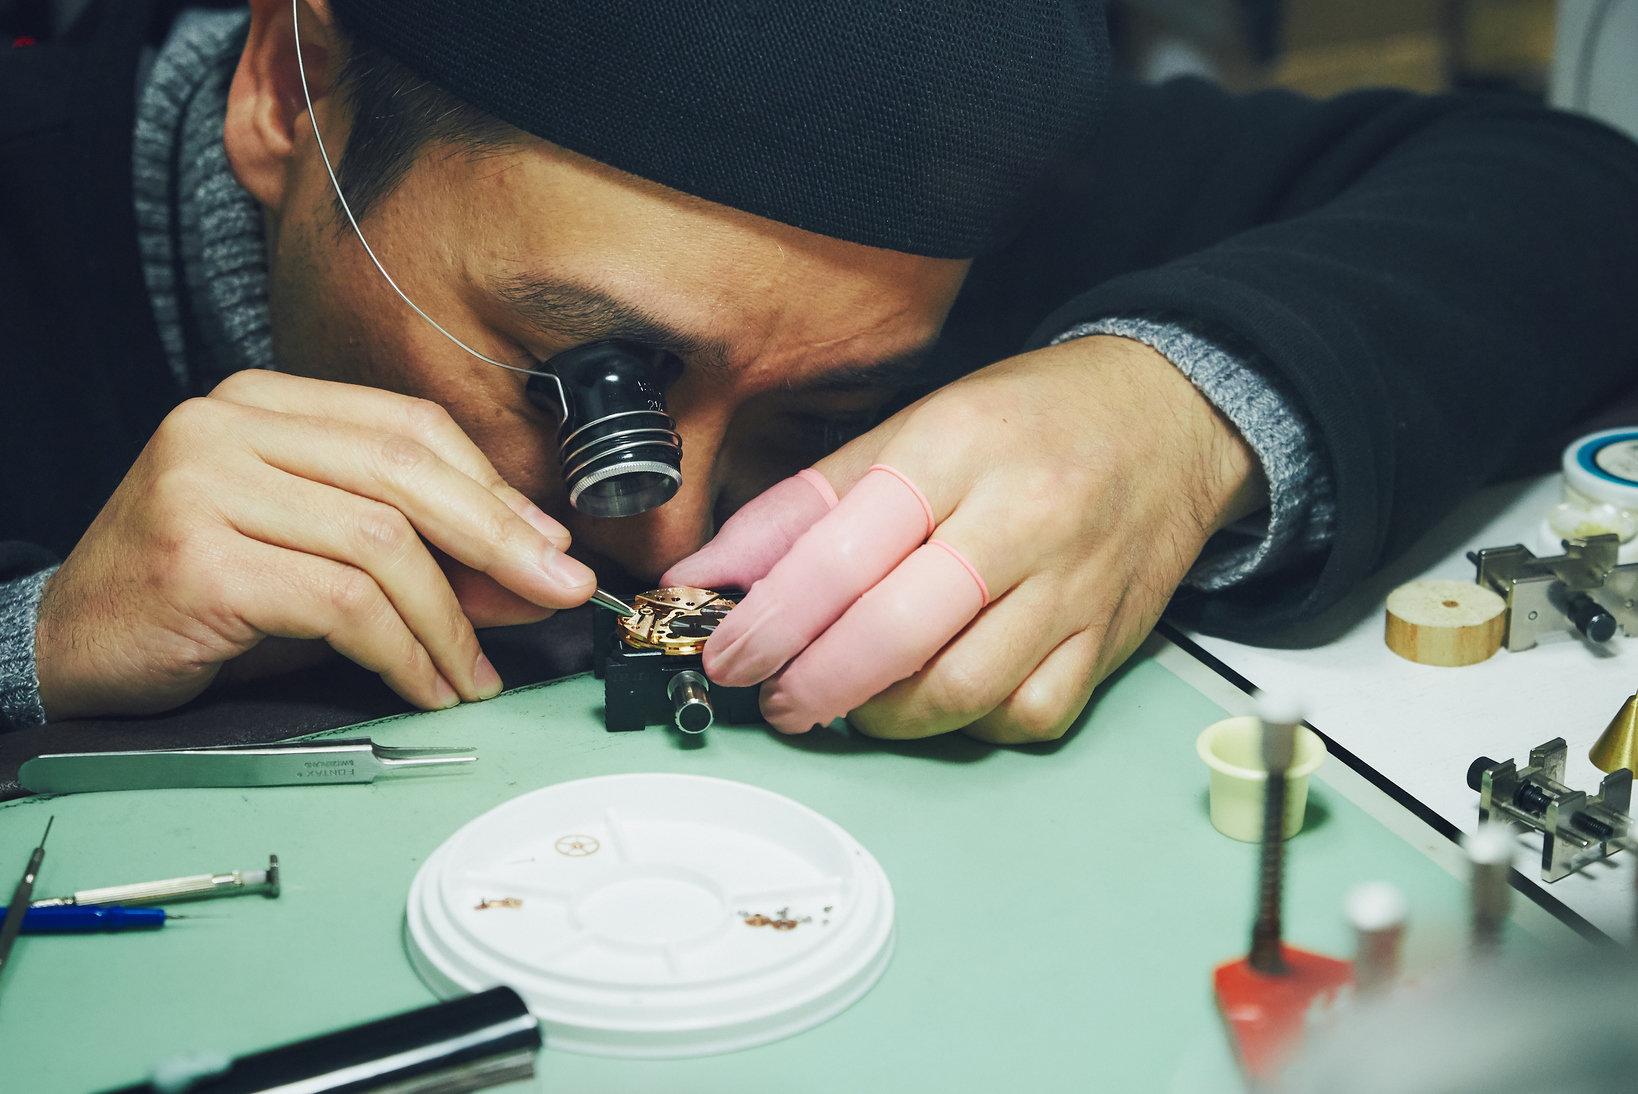 通常は単眼ルーペ(キズミ)を使って作業を行うが、より細かな部分は顕微鏡で確認する。写真は注油しながら組み立てているところ。